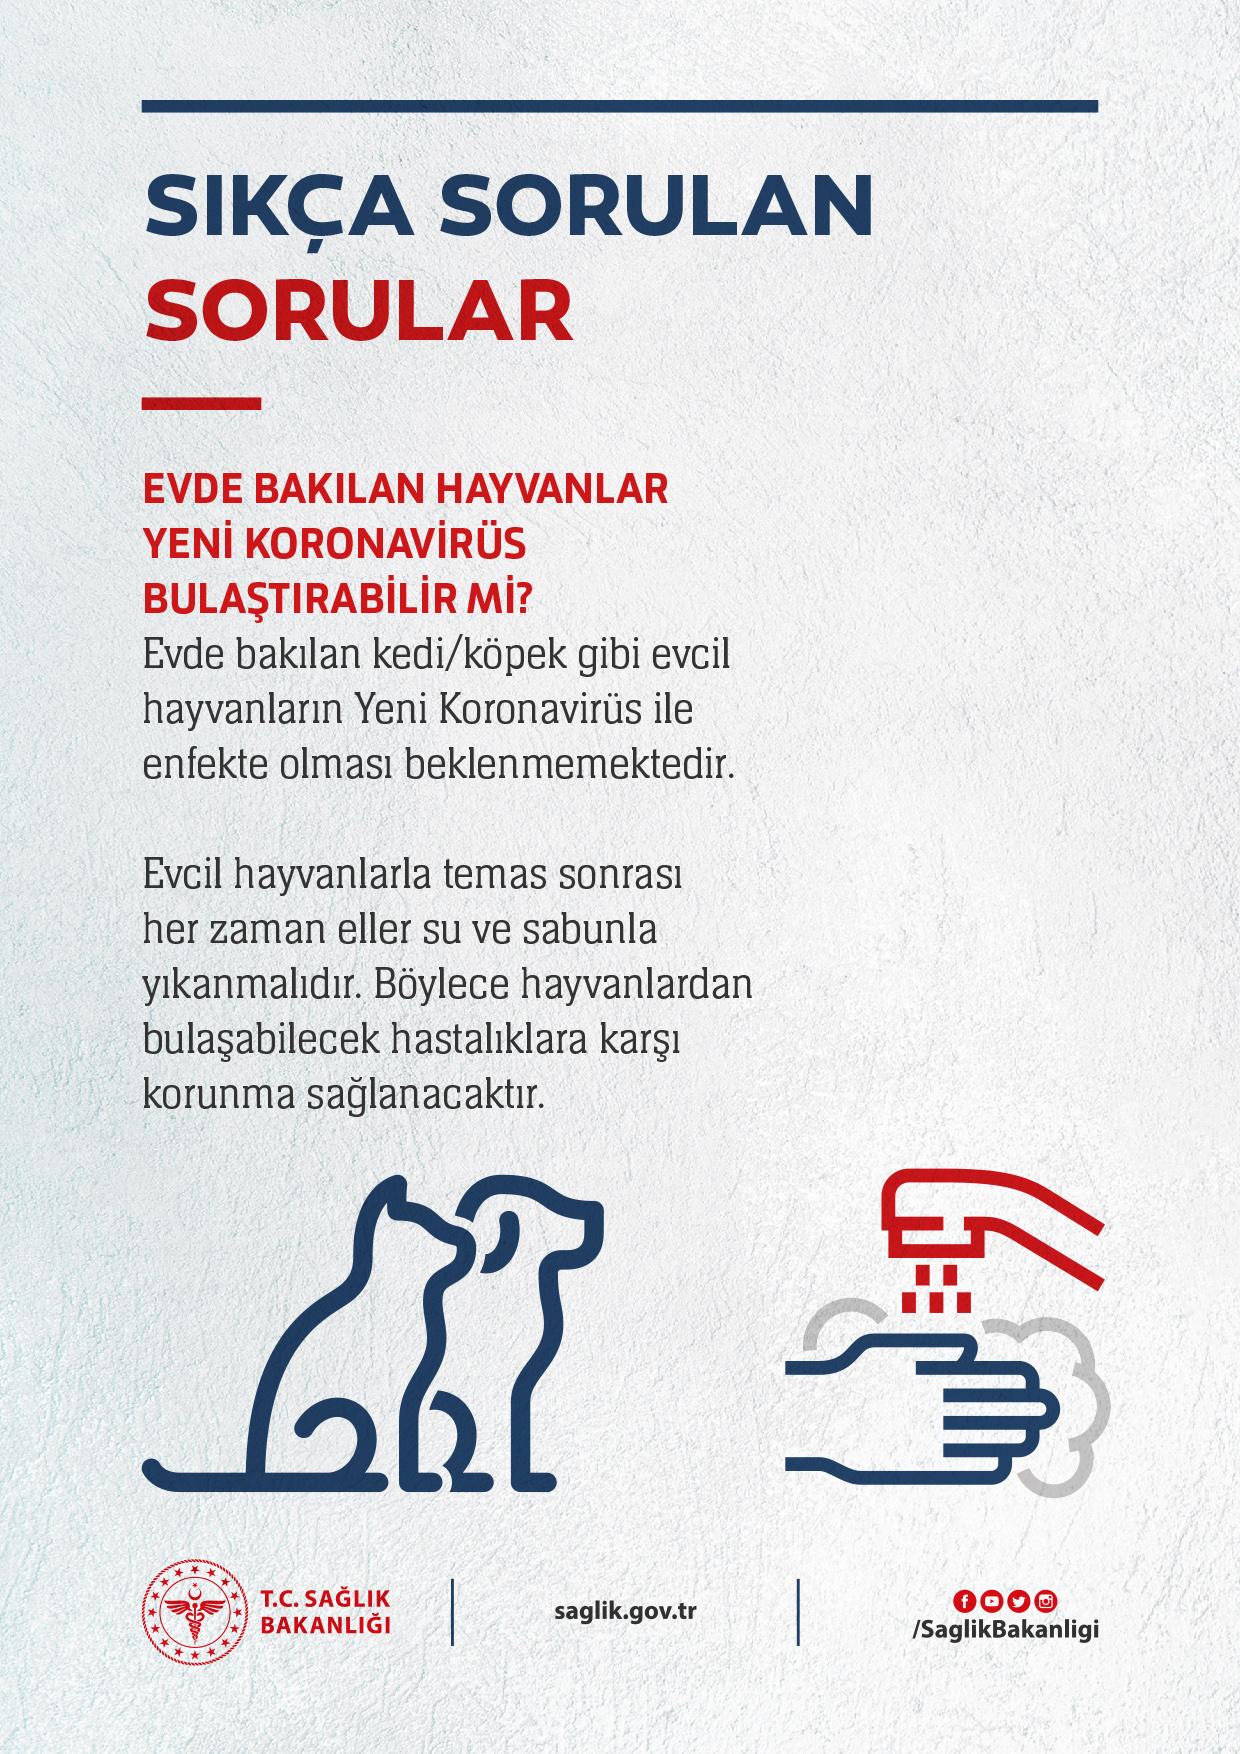 Sağlık Bakanlığından koronavirüs için yeni broşür